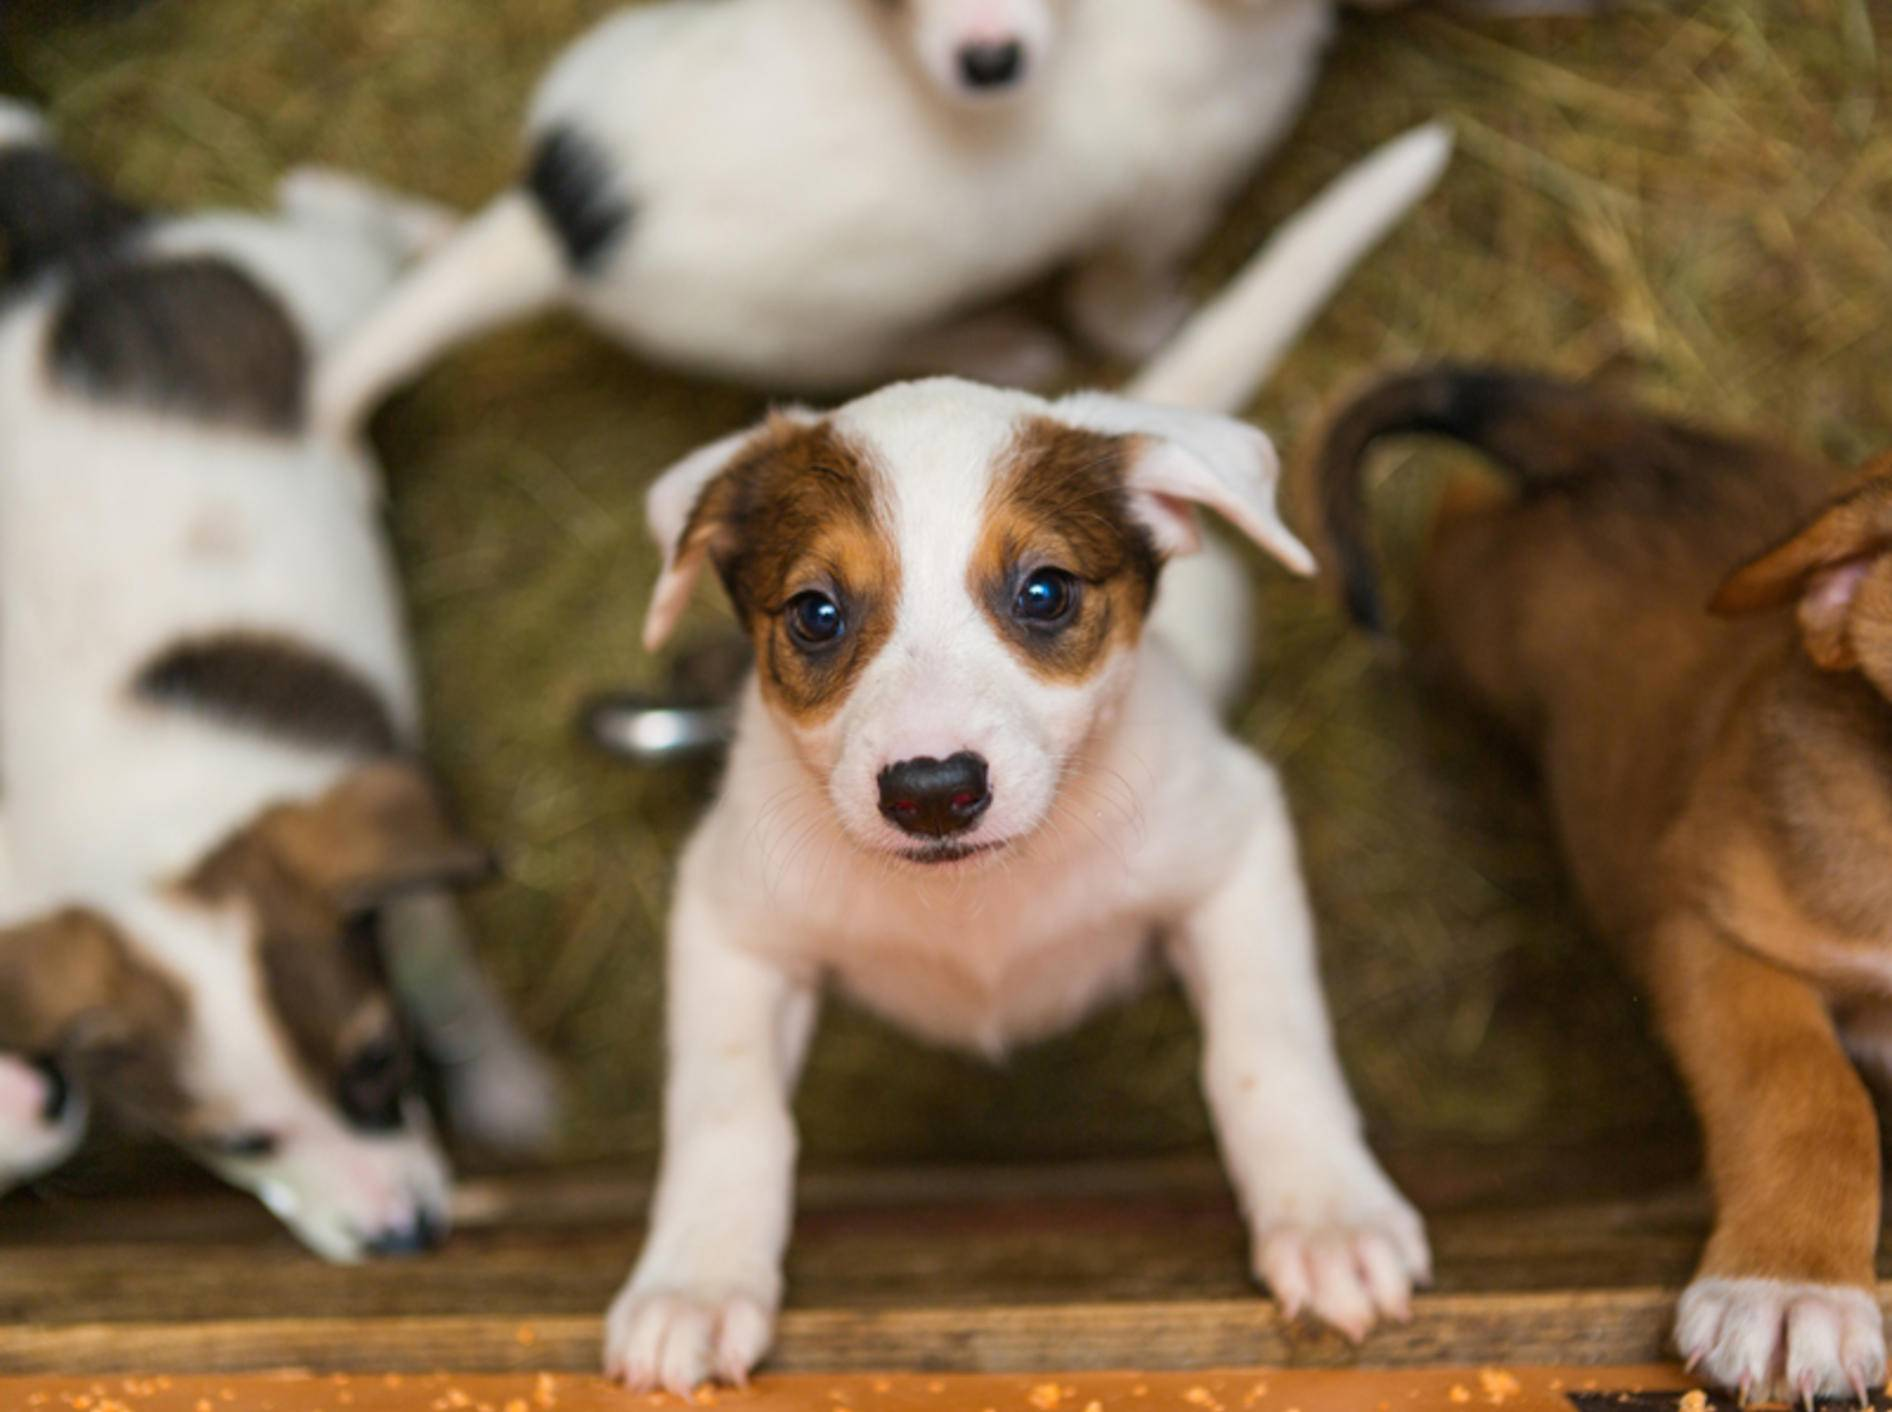 Wer so süße Hundebabys in Kleinanzeigen entdeckt, möchte sie am liebsten sofort kaufen. Aber ist das Angebot auch seriös? – Shutterstock / Okssi